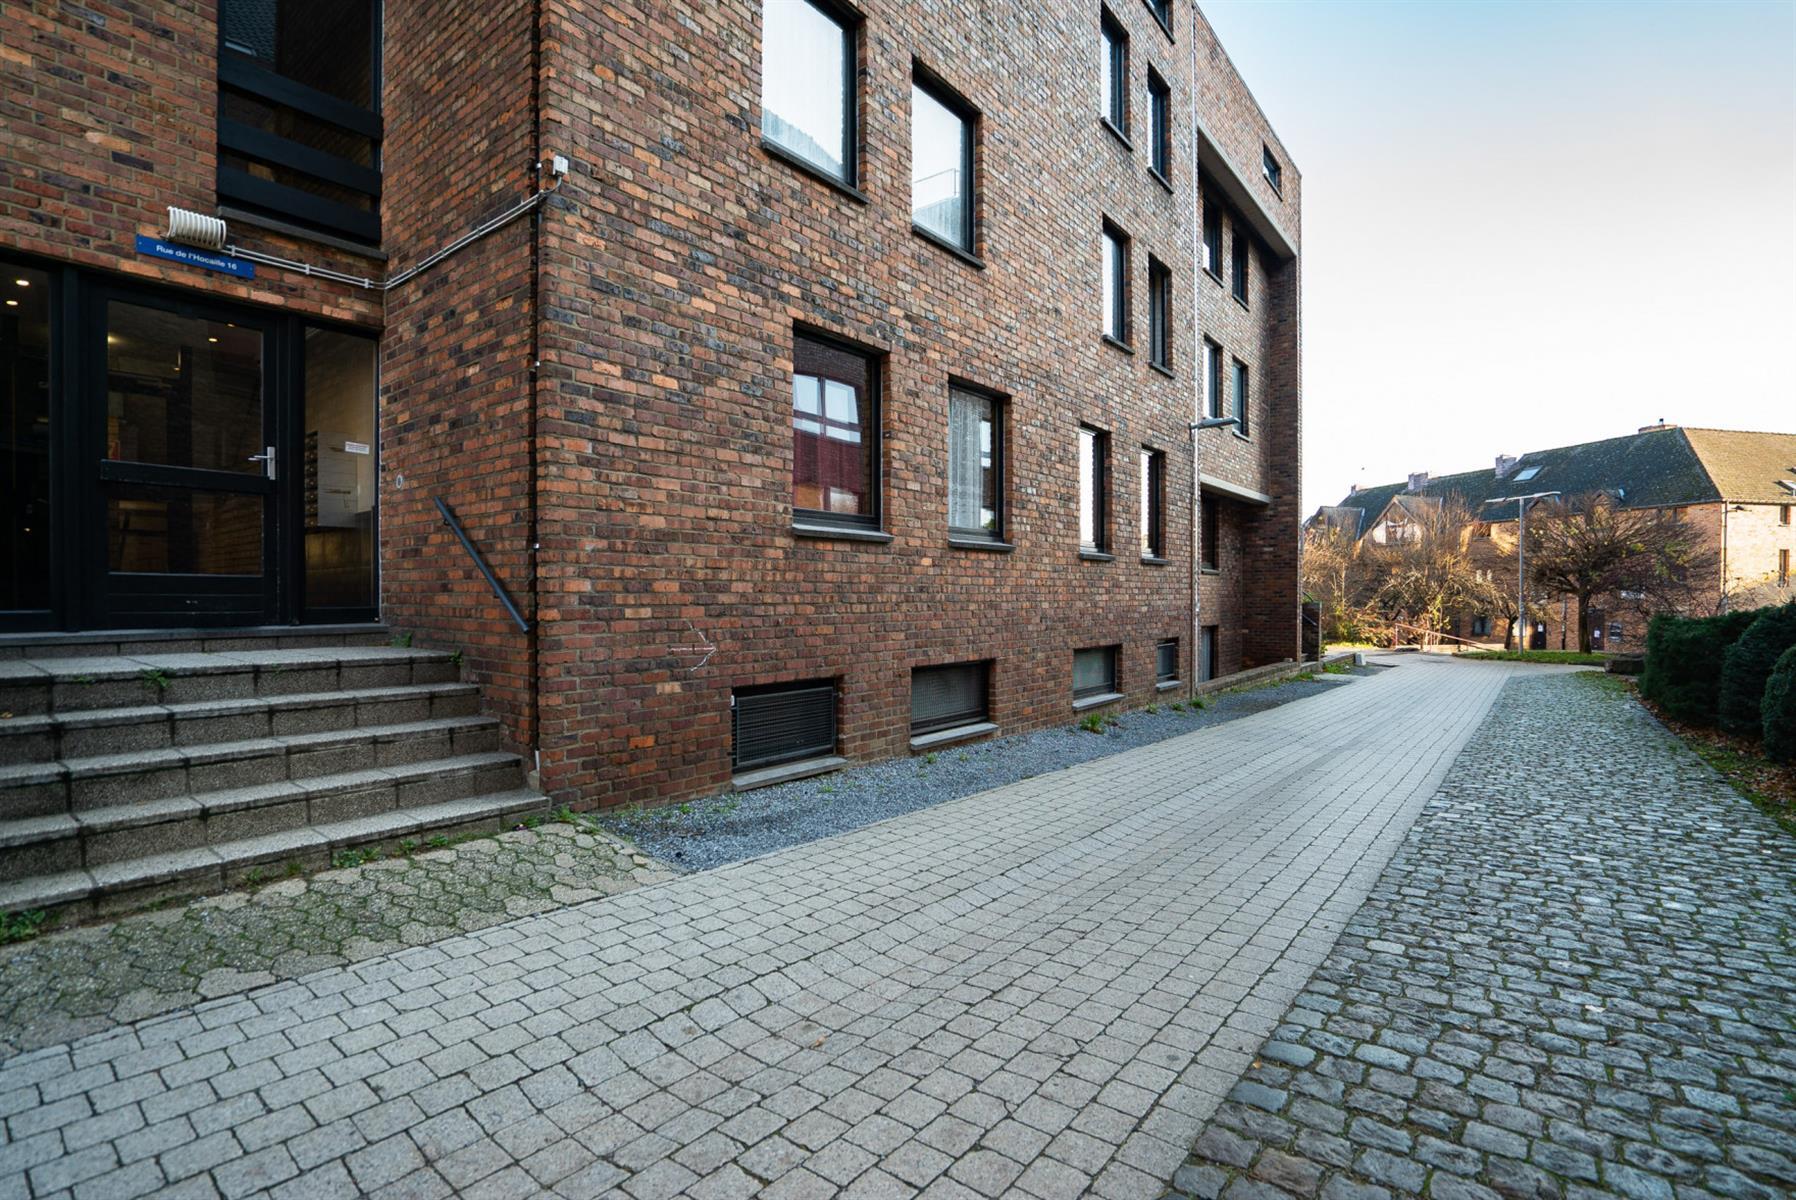 Appartement - Ottignies-Louvain-la-Neuve Louvain-la-Neuve - #4208592-17